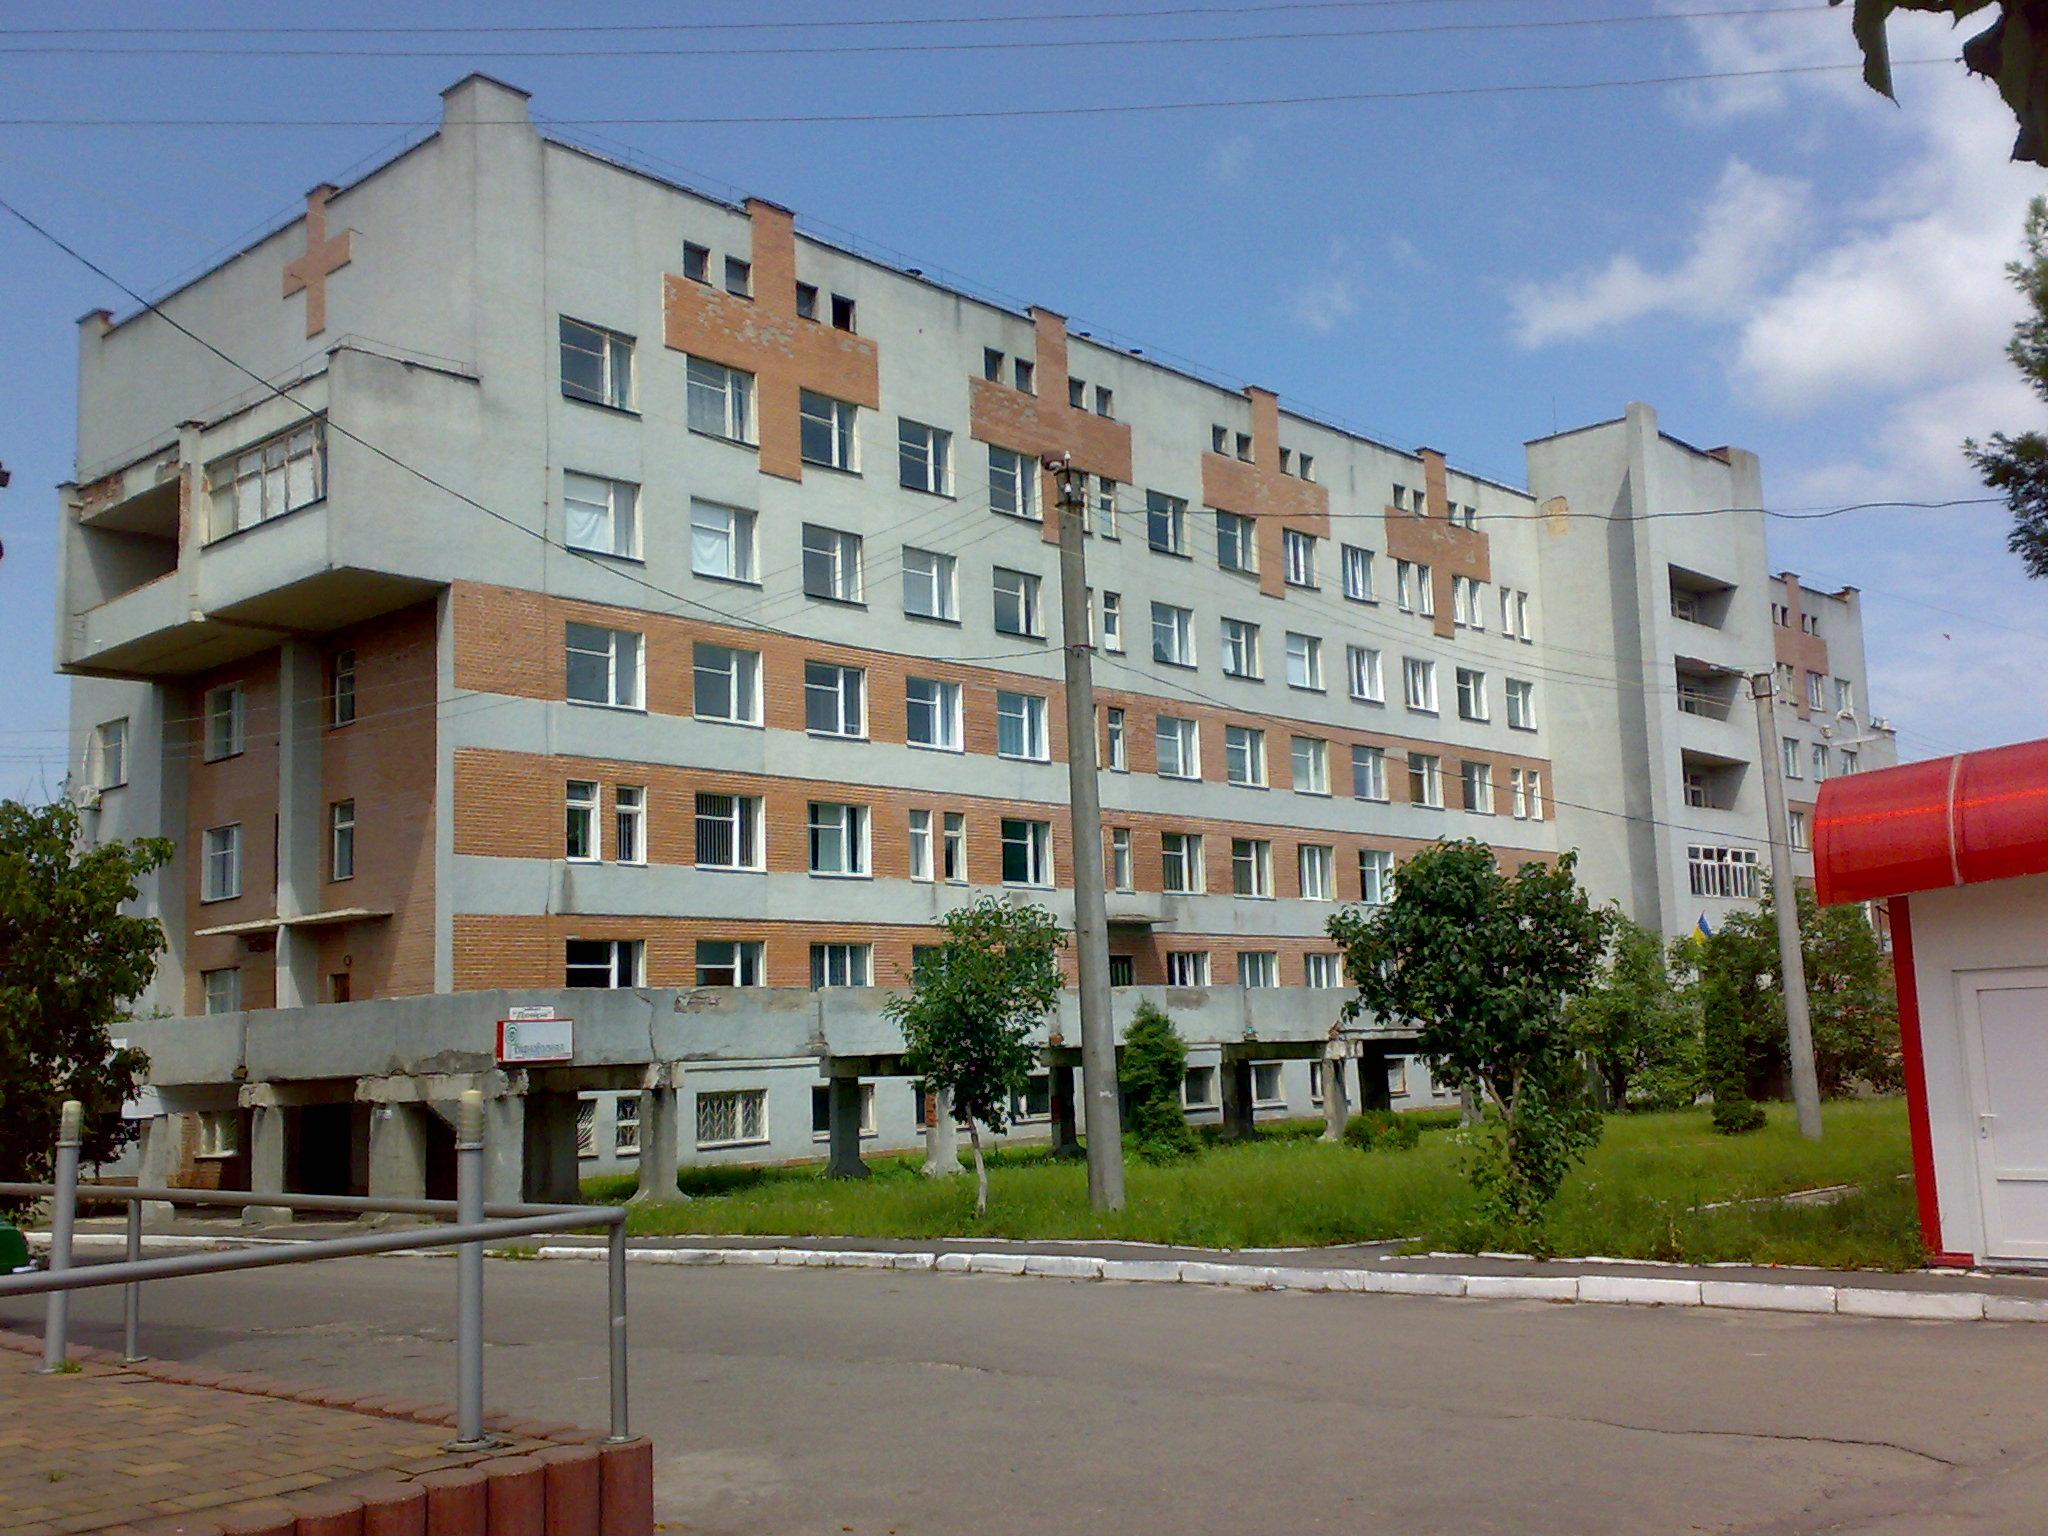 знакомства в хмельницкой области город красилов